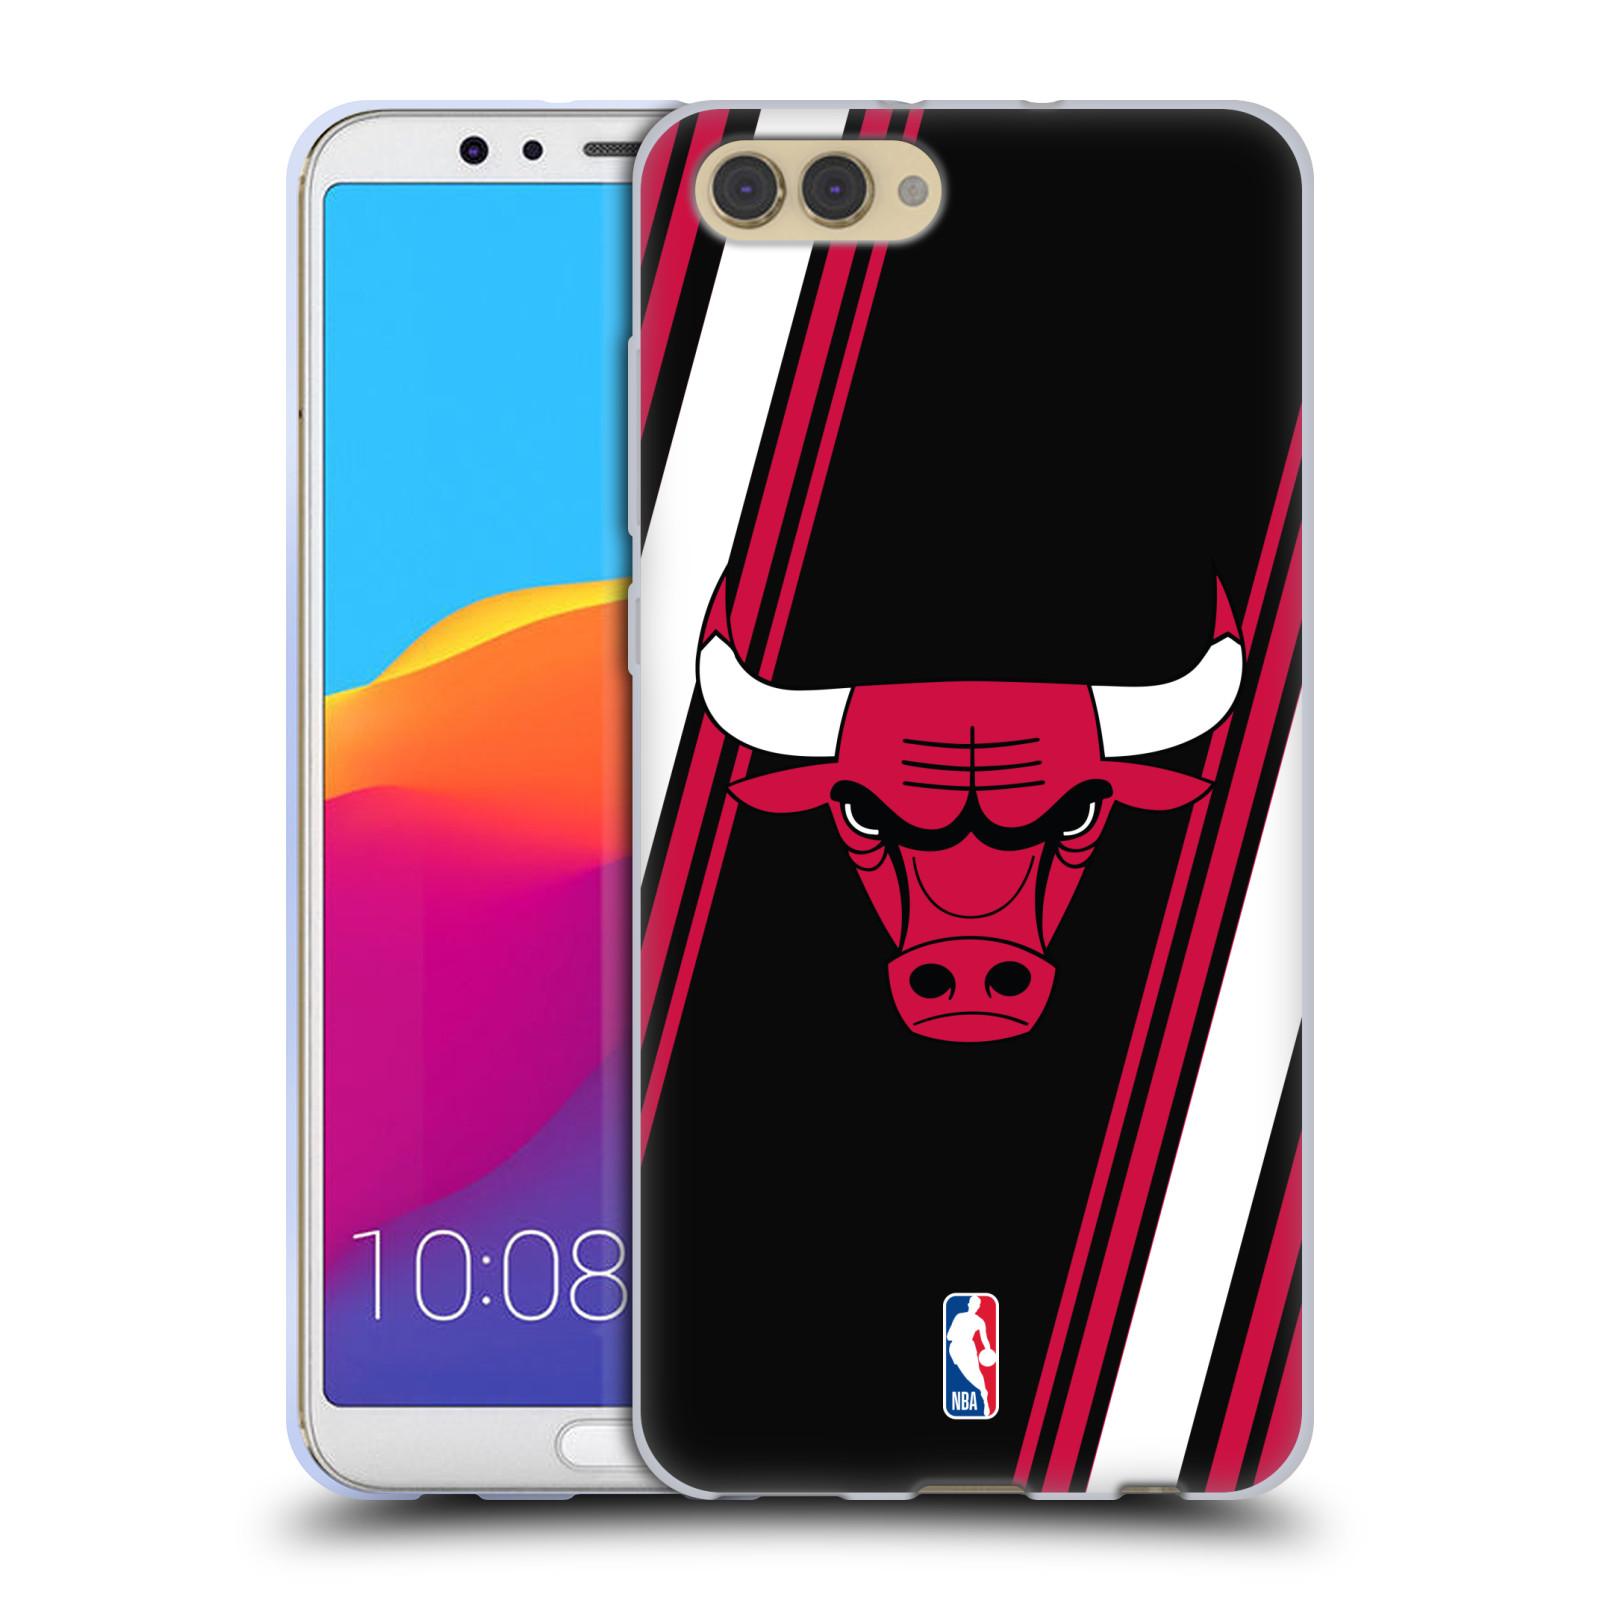 HEAD CASE silikonový obal na mobil Huawei HONOR VIEW 10 / V10 NBA Basketbalový klub Chicago Bulls logo šikmé pruhy